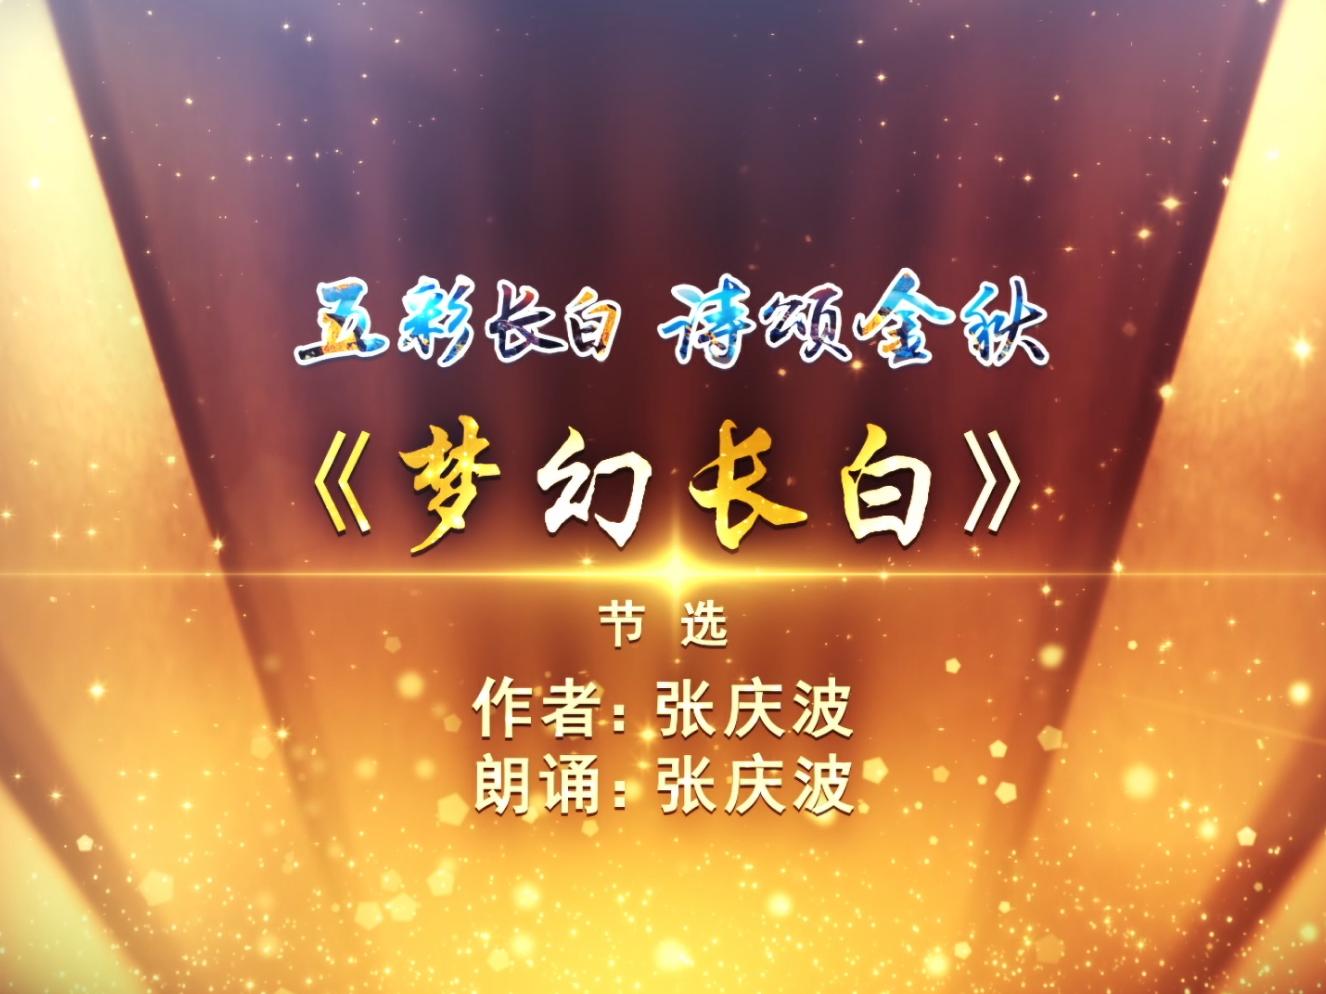 2021长白山金秋音乐诗会第五季《梦幻长白》